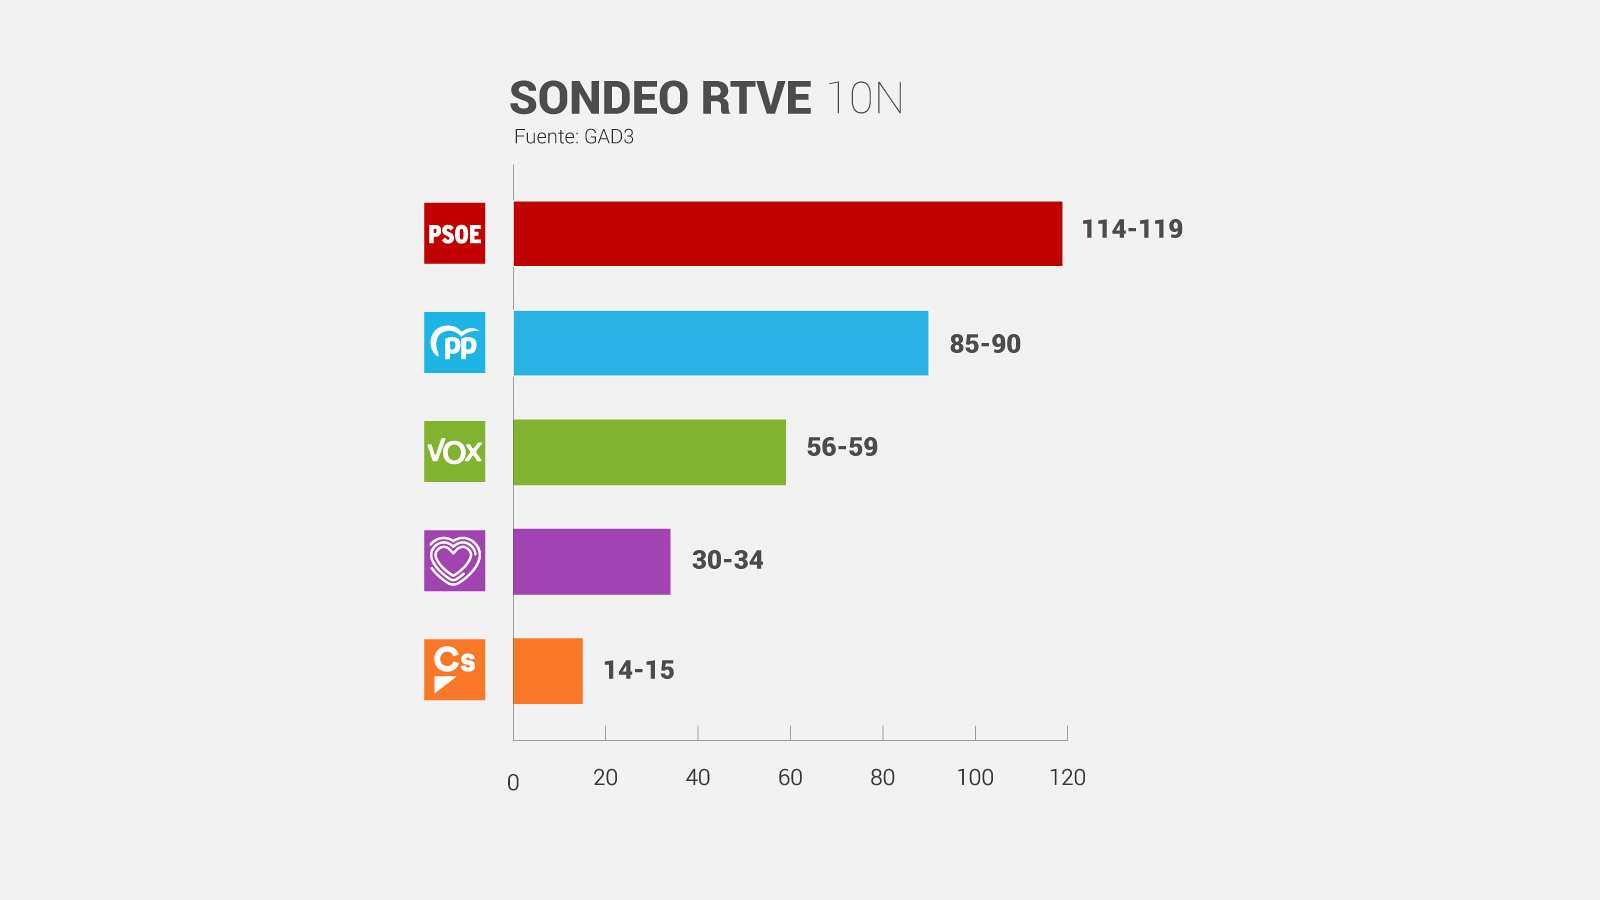 Sondeo de Gad3 para RTVE para las elecciones del 10N.